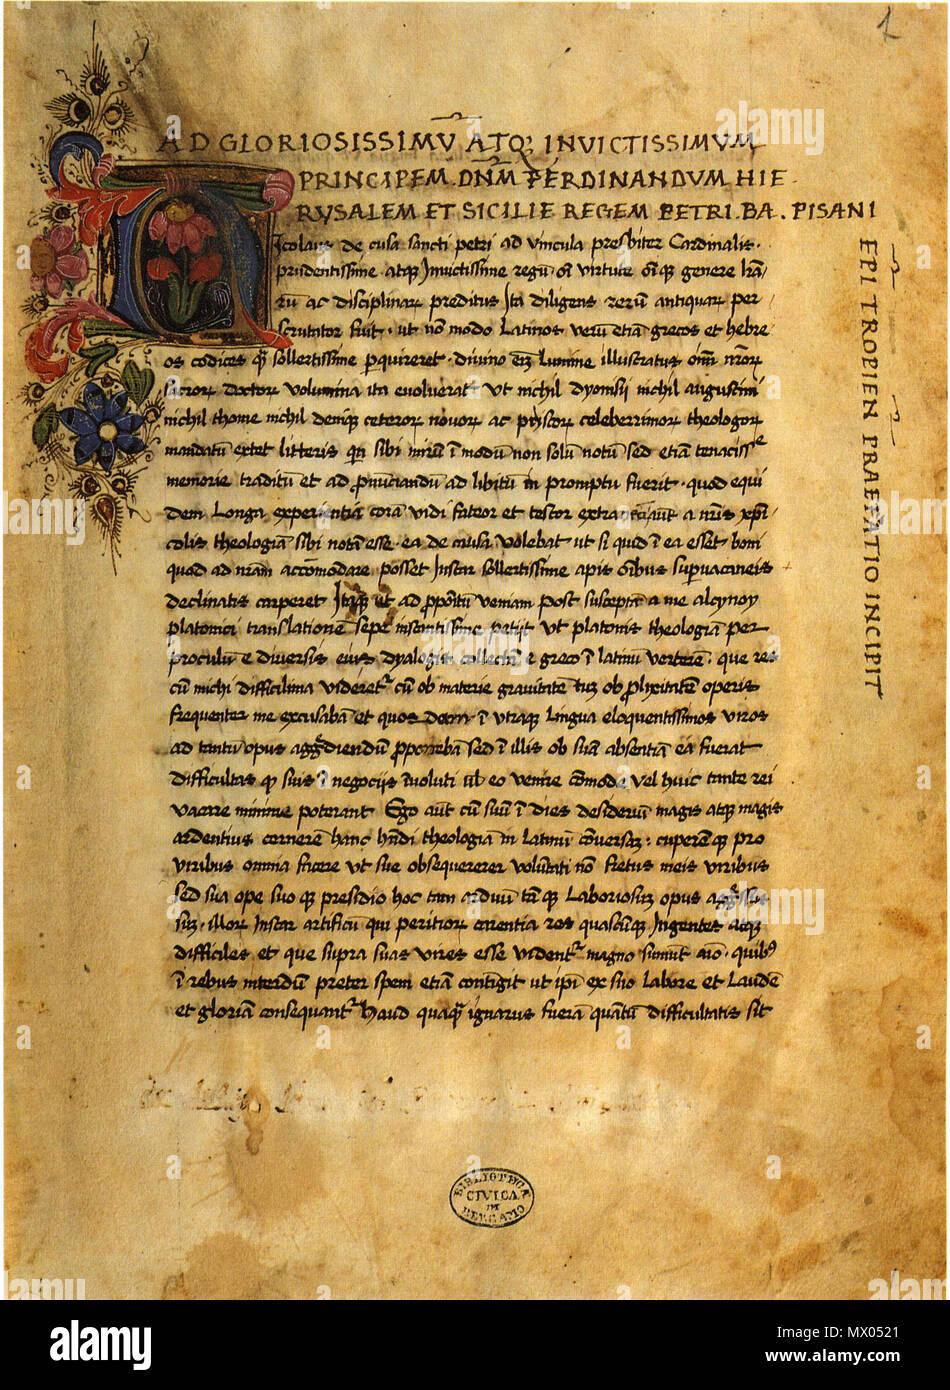 King Ferdinand I Of Naples Sto...